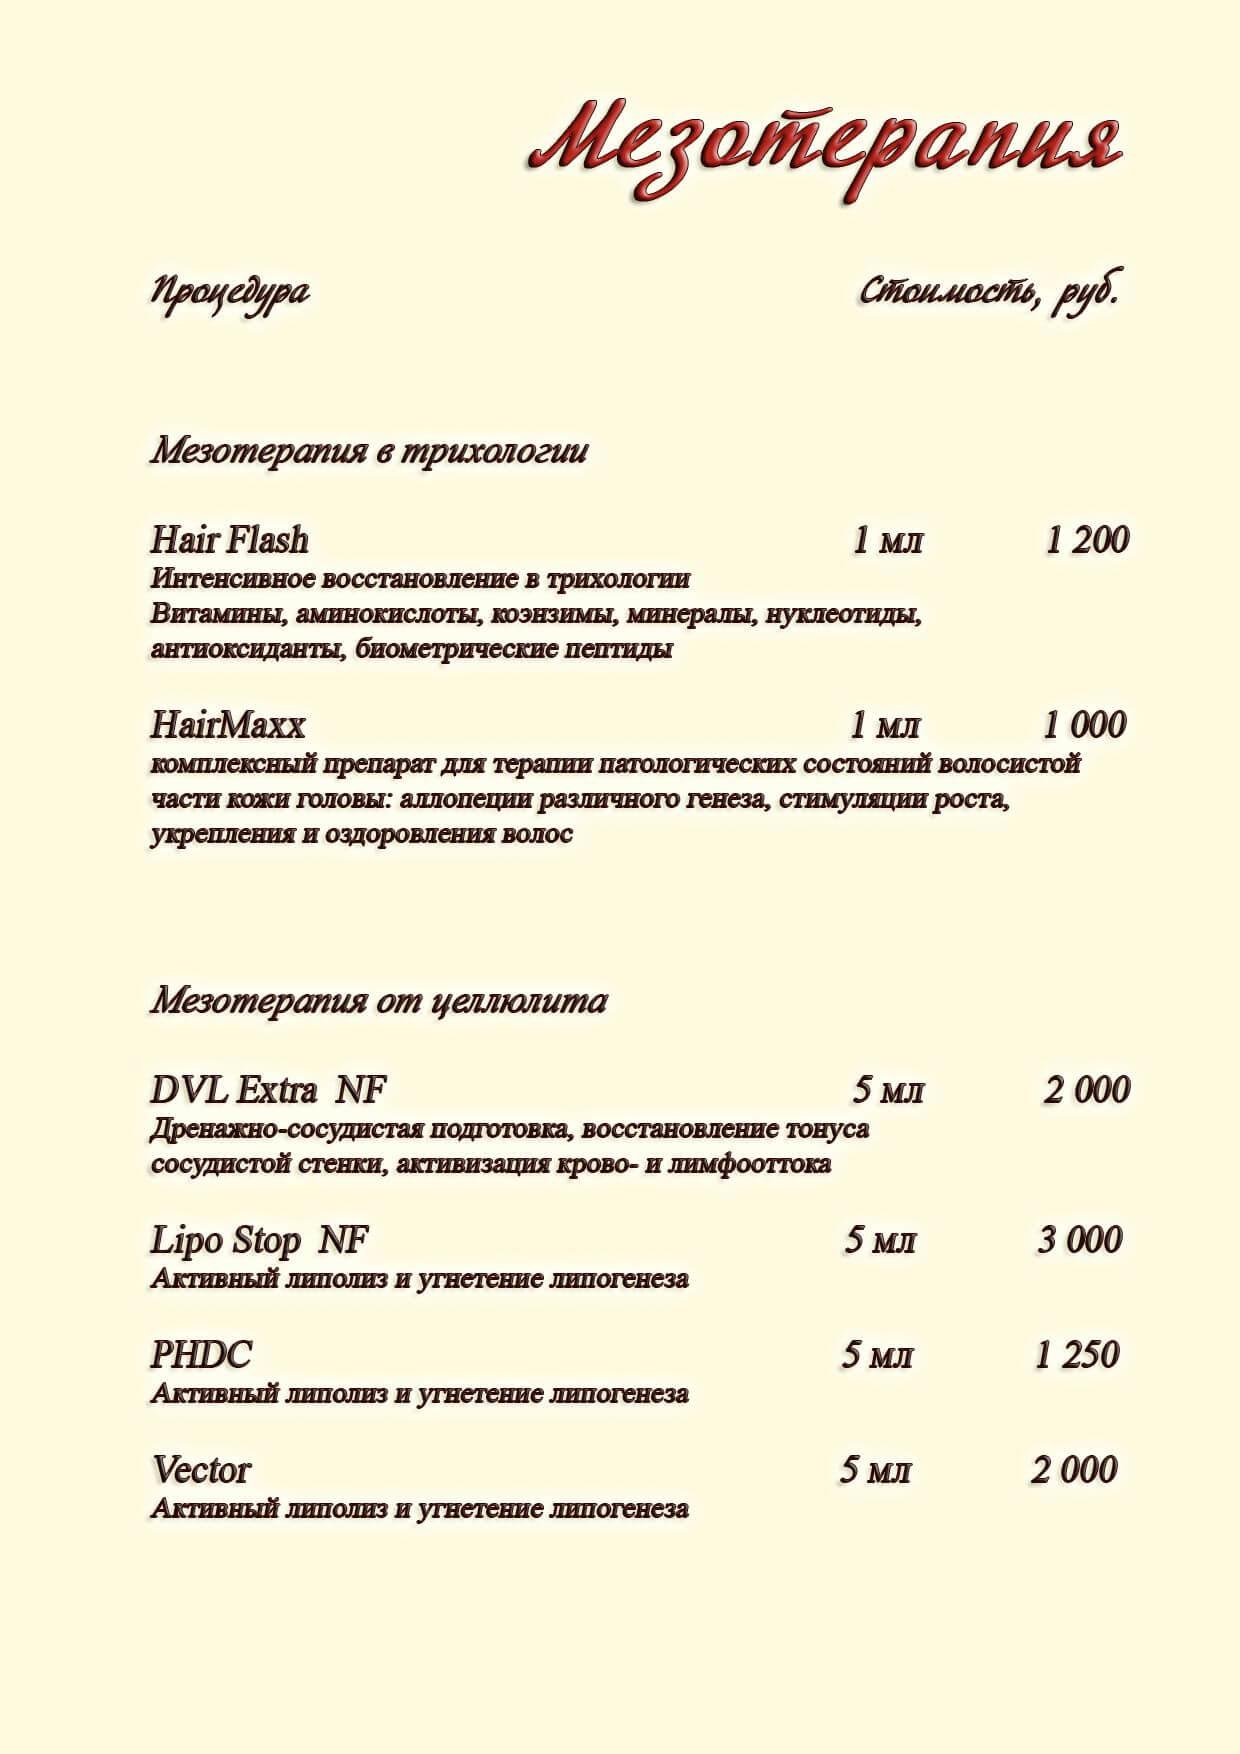 Цены на мезотерапию - Гранд отель Гагра - отель европейского уровня в Абхазии (Grand Hotel Gagra)